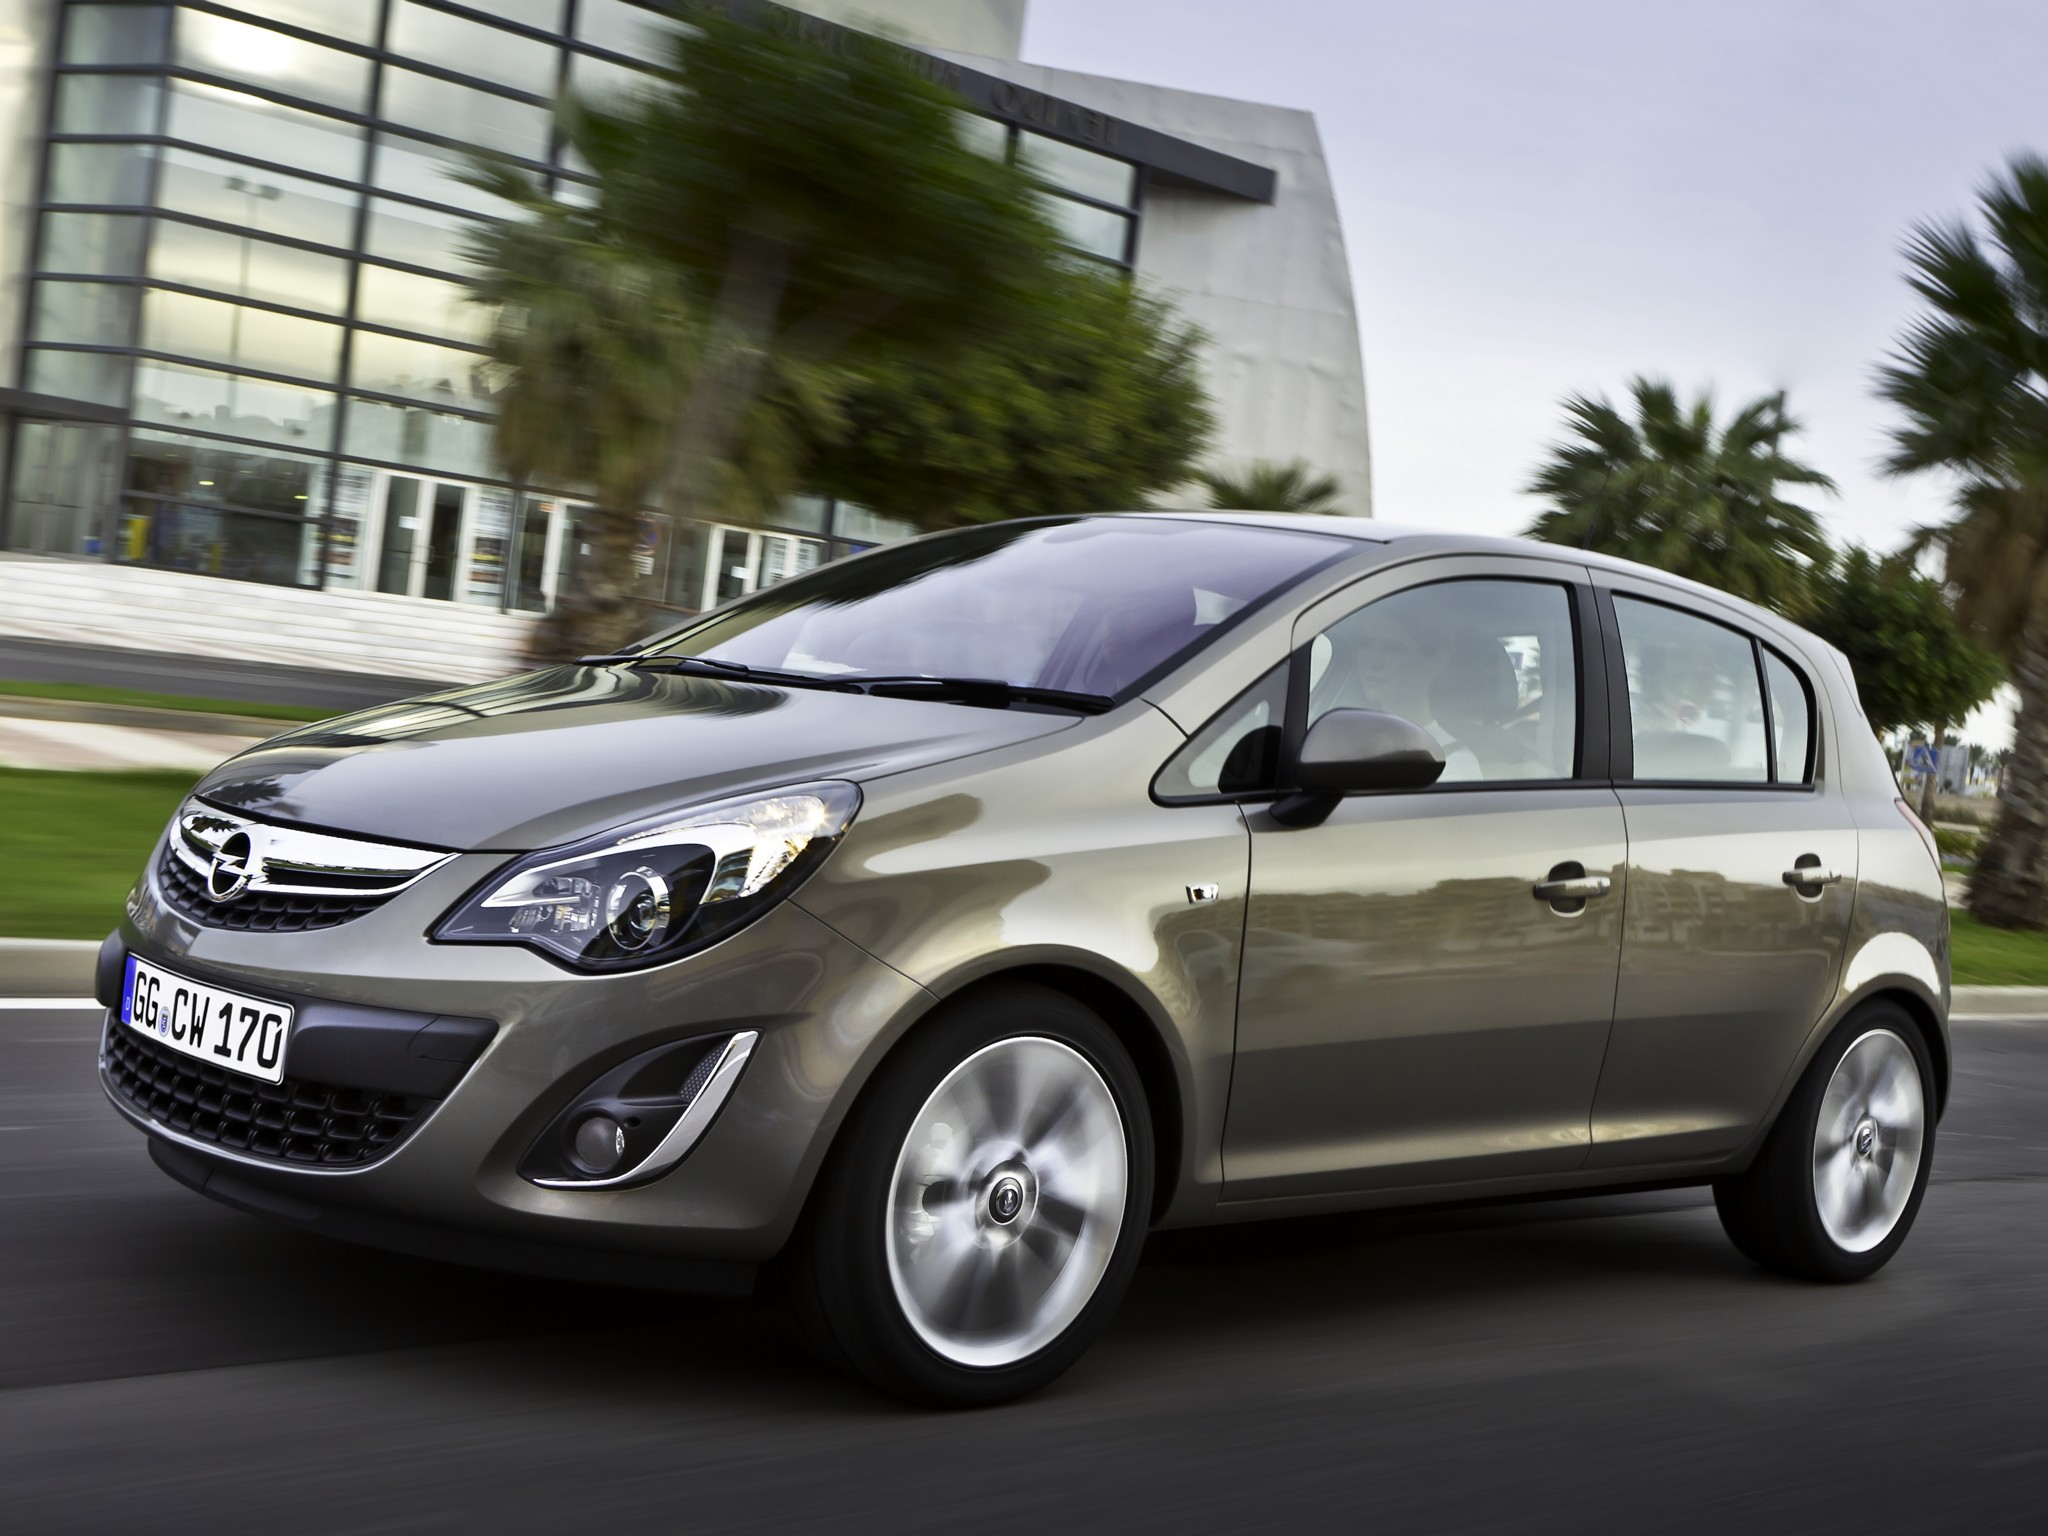 Opel Corsa 5 Doors - 2010  2011  2012  2013  2014  2015  2016  2017